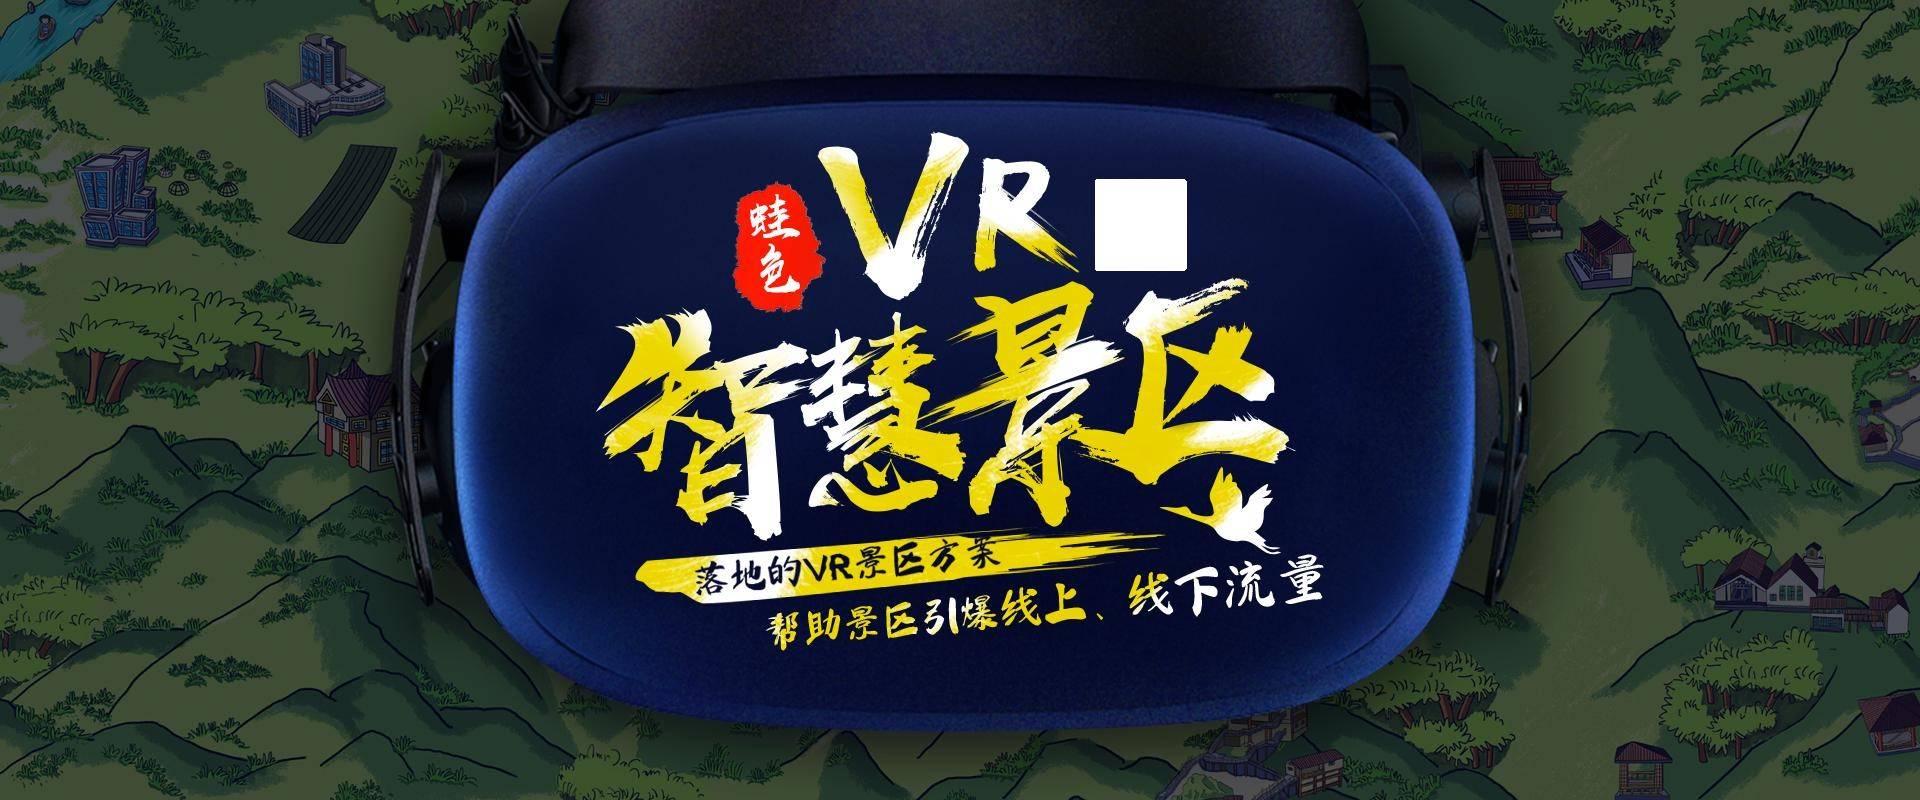 VR全景加盟